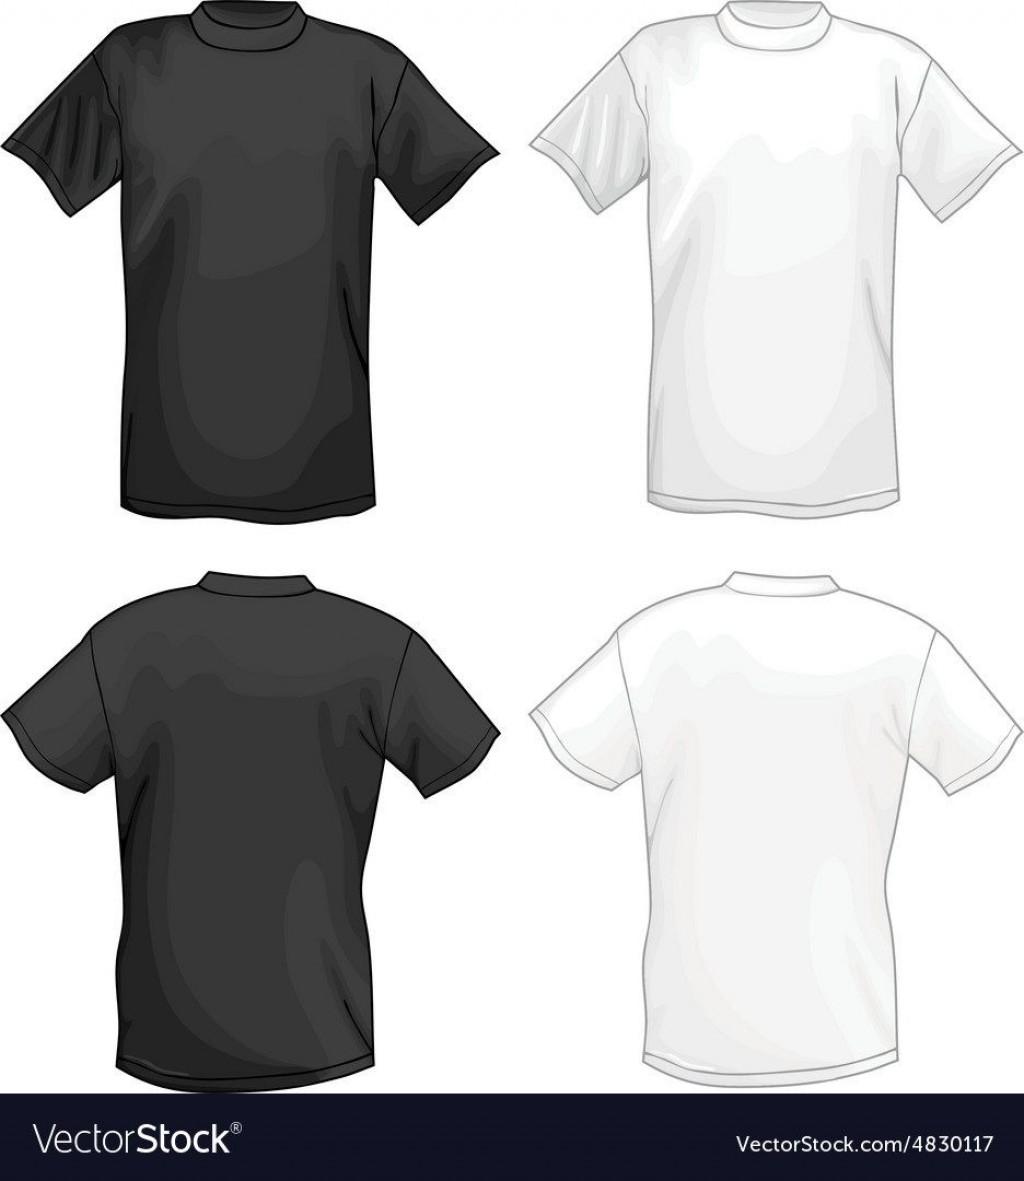 009 Astounding T Shirt Design Template Ai Image  TeeLarge